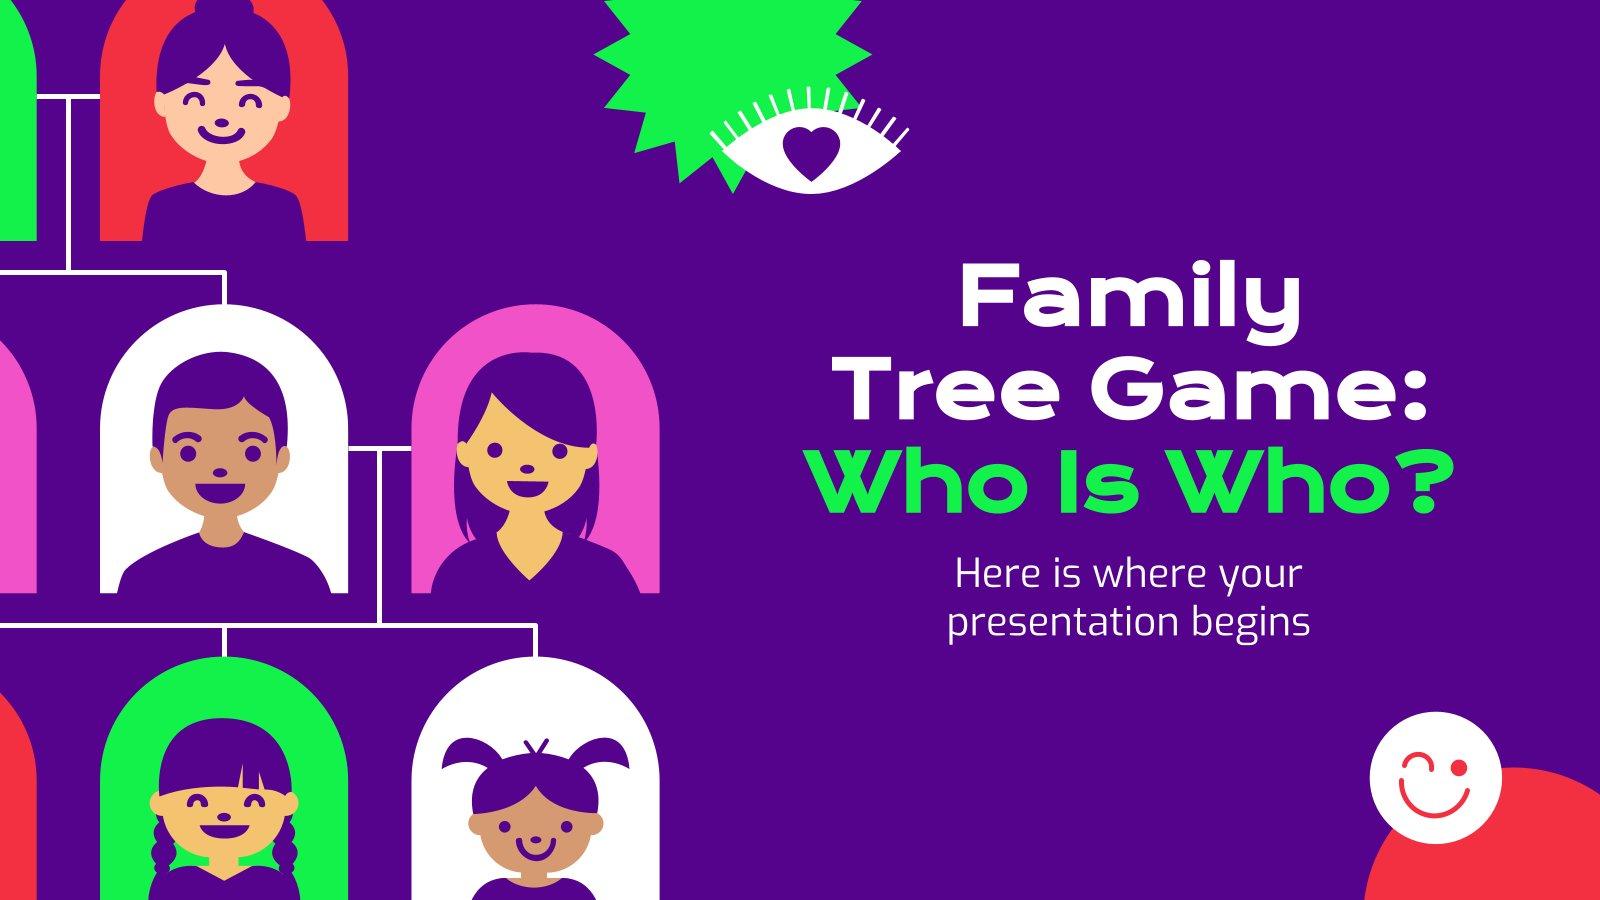 Plantilla de presentación El juego del árbol genealógico